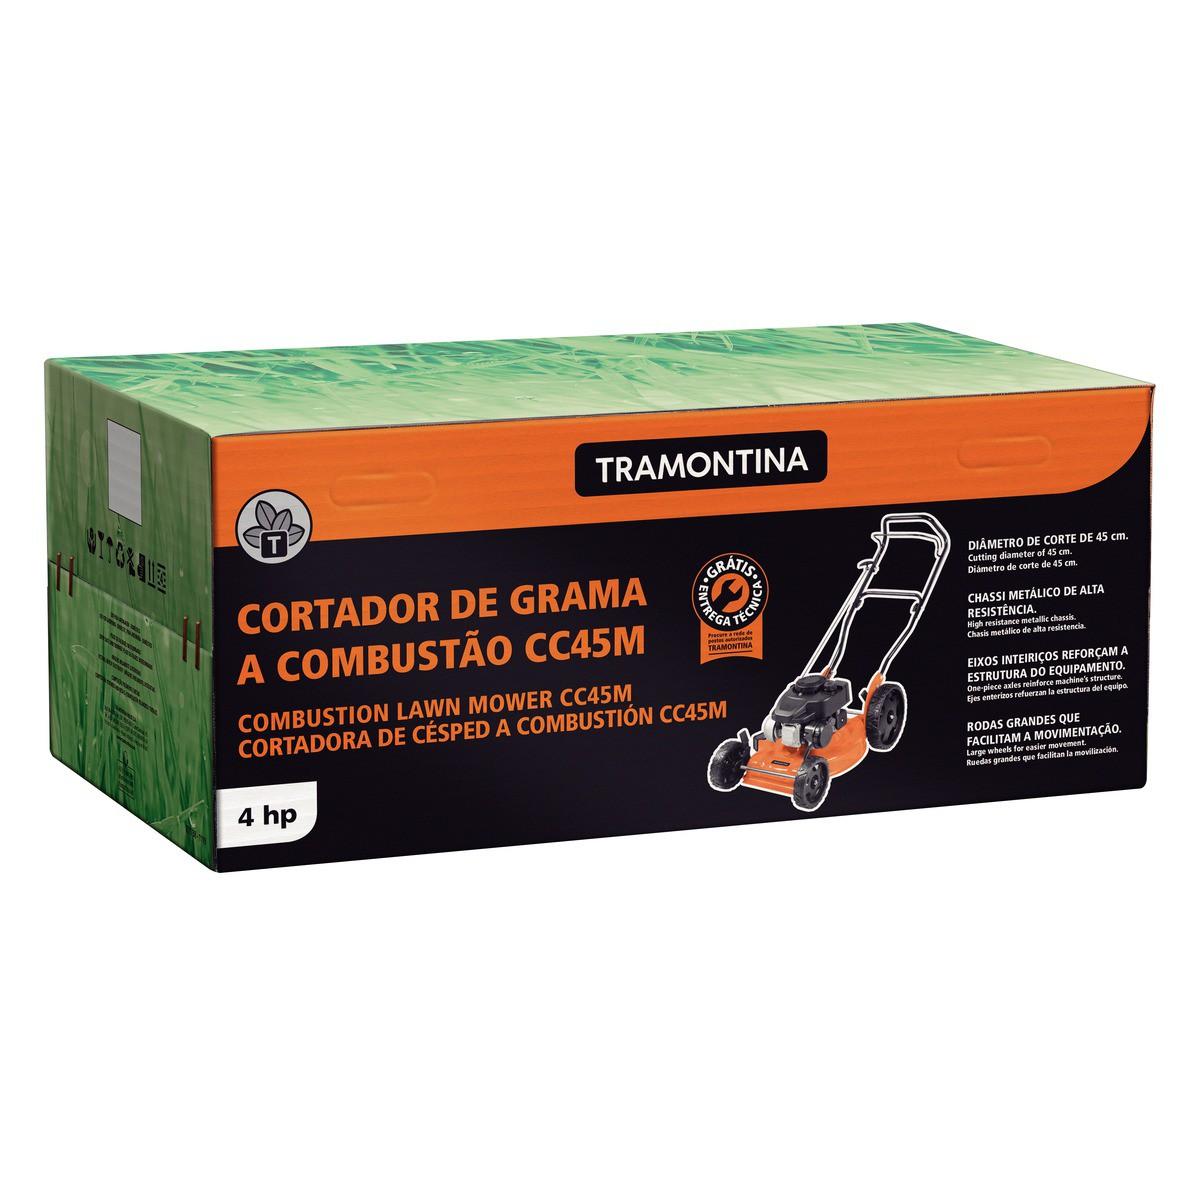 Cortador de Grama a Gasolina CC45M com Diâmetro de Corte de 450 mm Motor 4 hp e Chassi Metálico - Tramontina